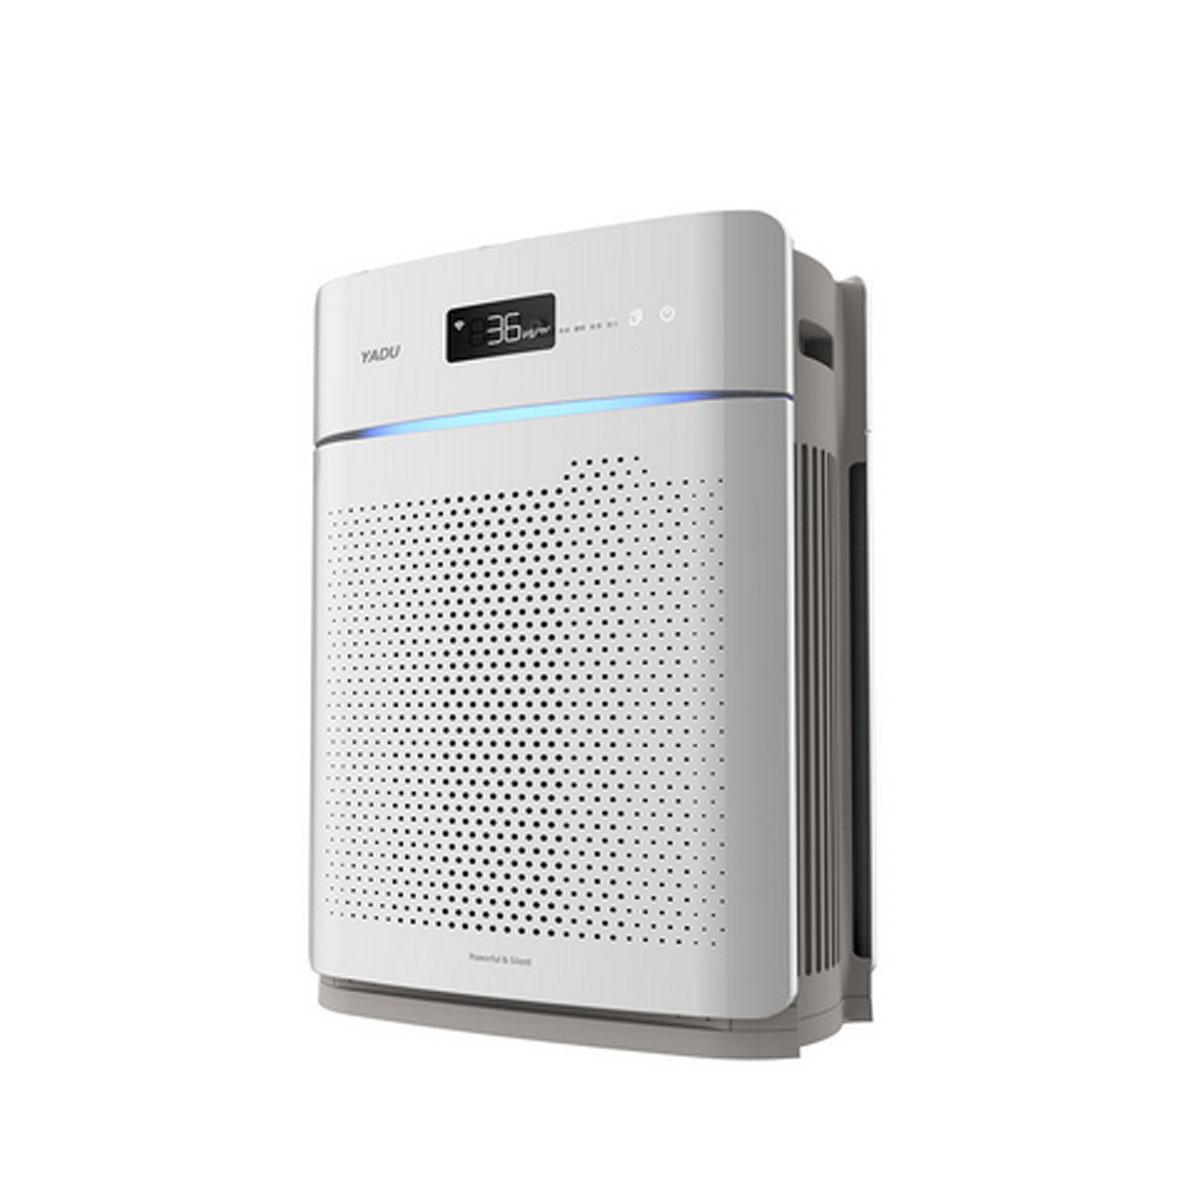 亚都空气净化器KJ480G-P4D双面侠三合一高效滤网除甲醛PM2.5烟尘